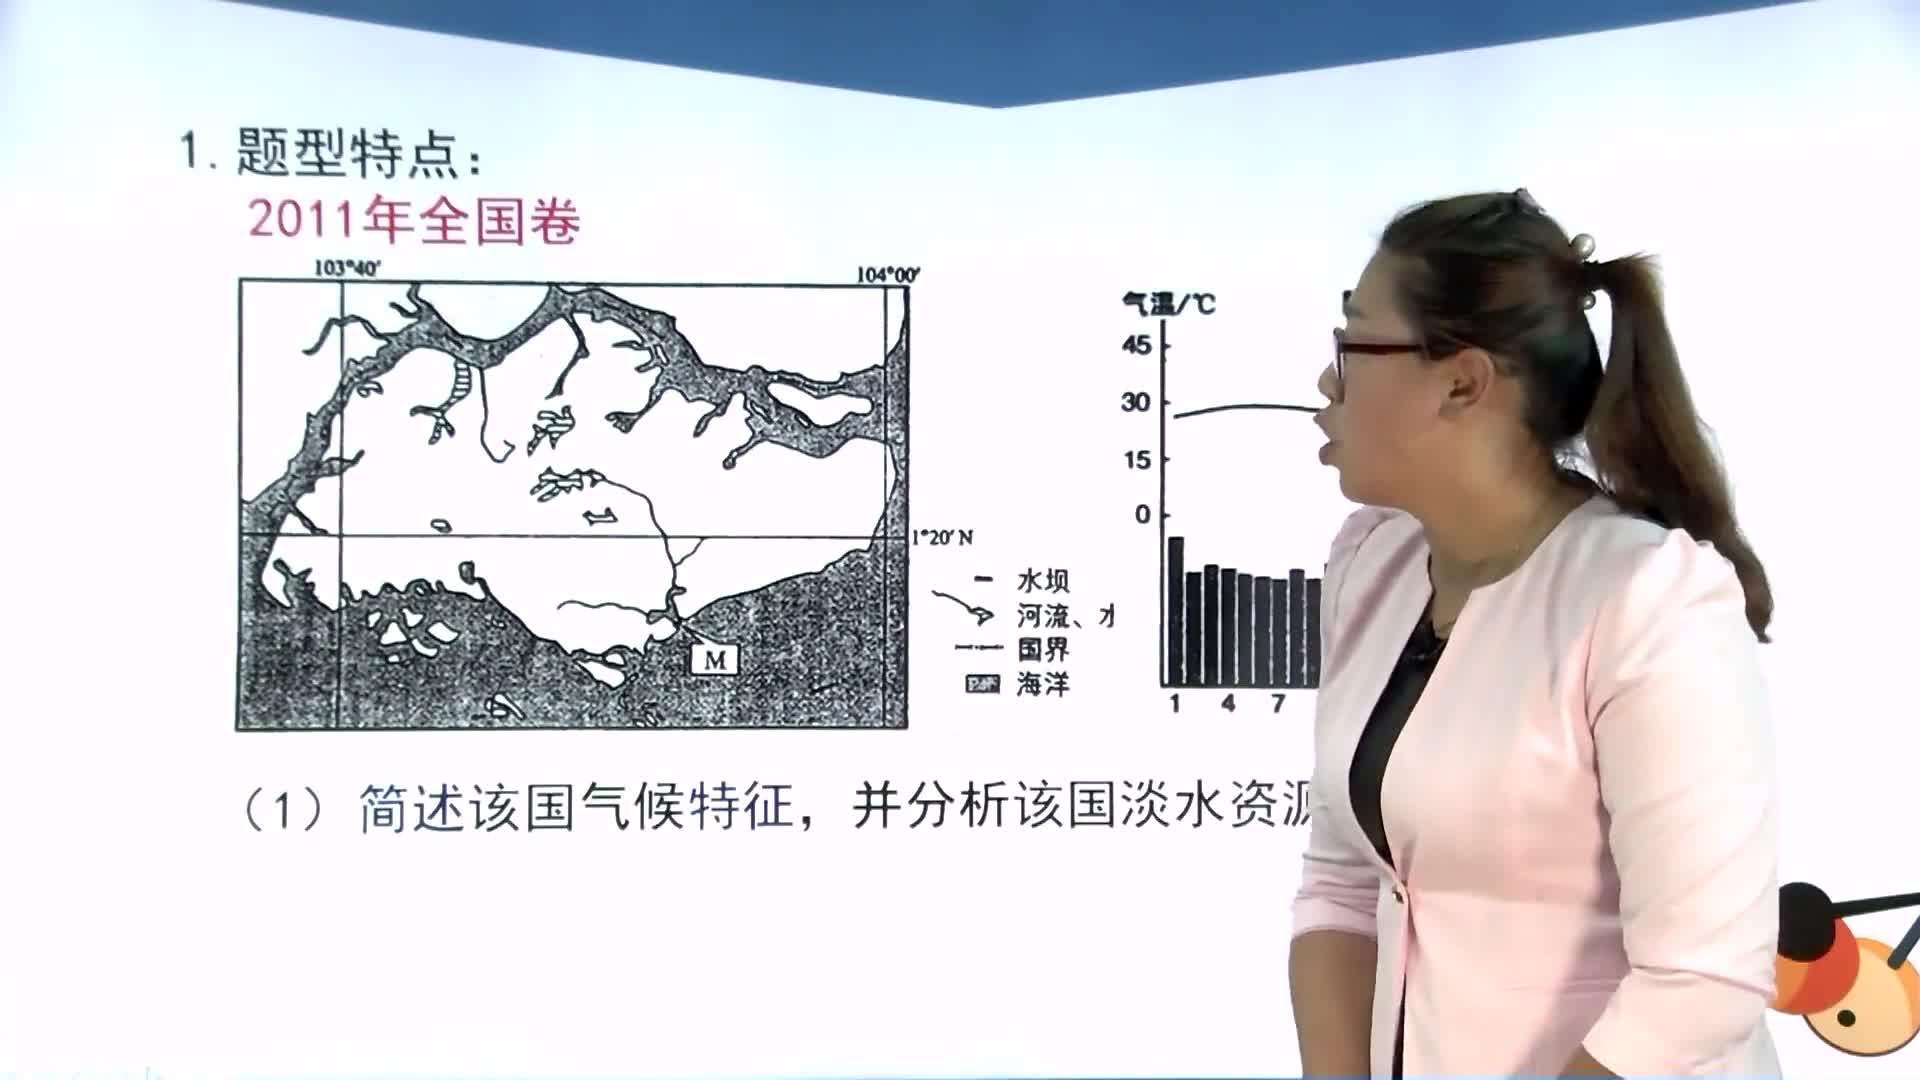 人教版 高中地理 规范答题建模(1)(孙晓丽)